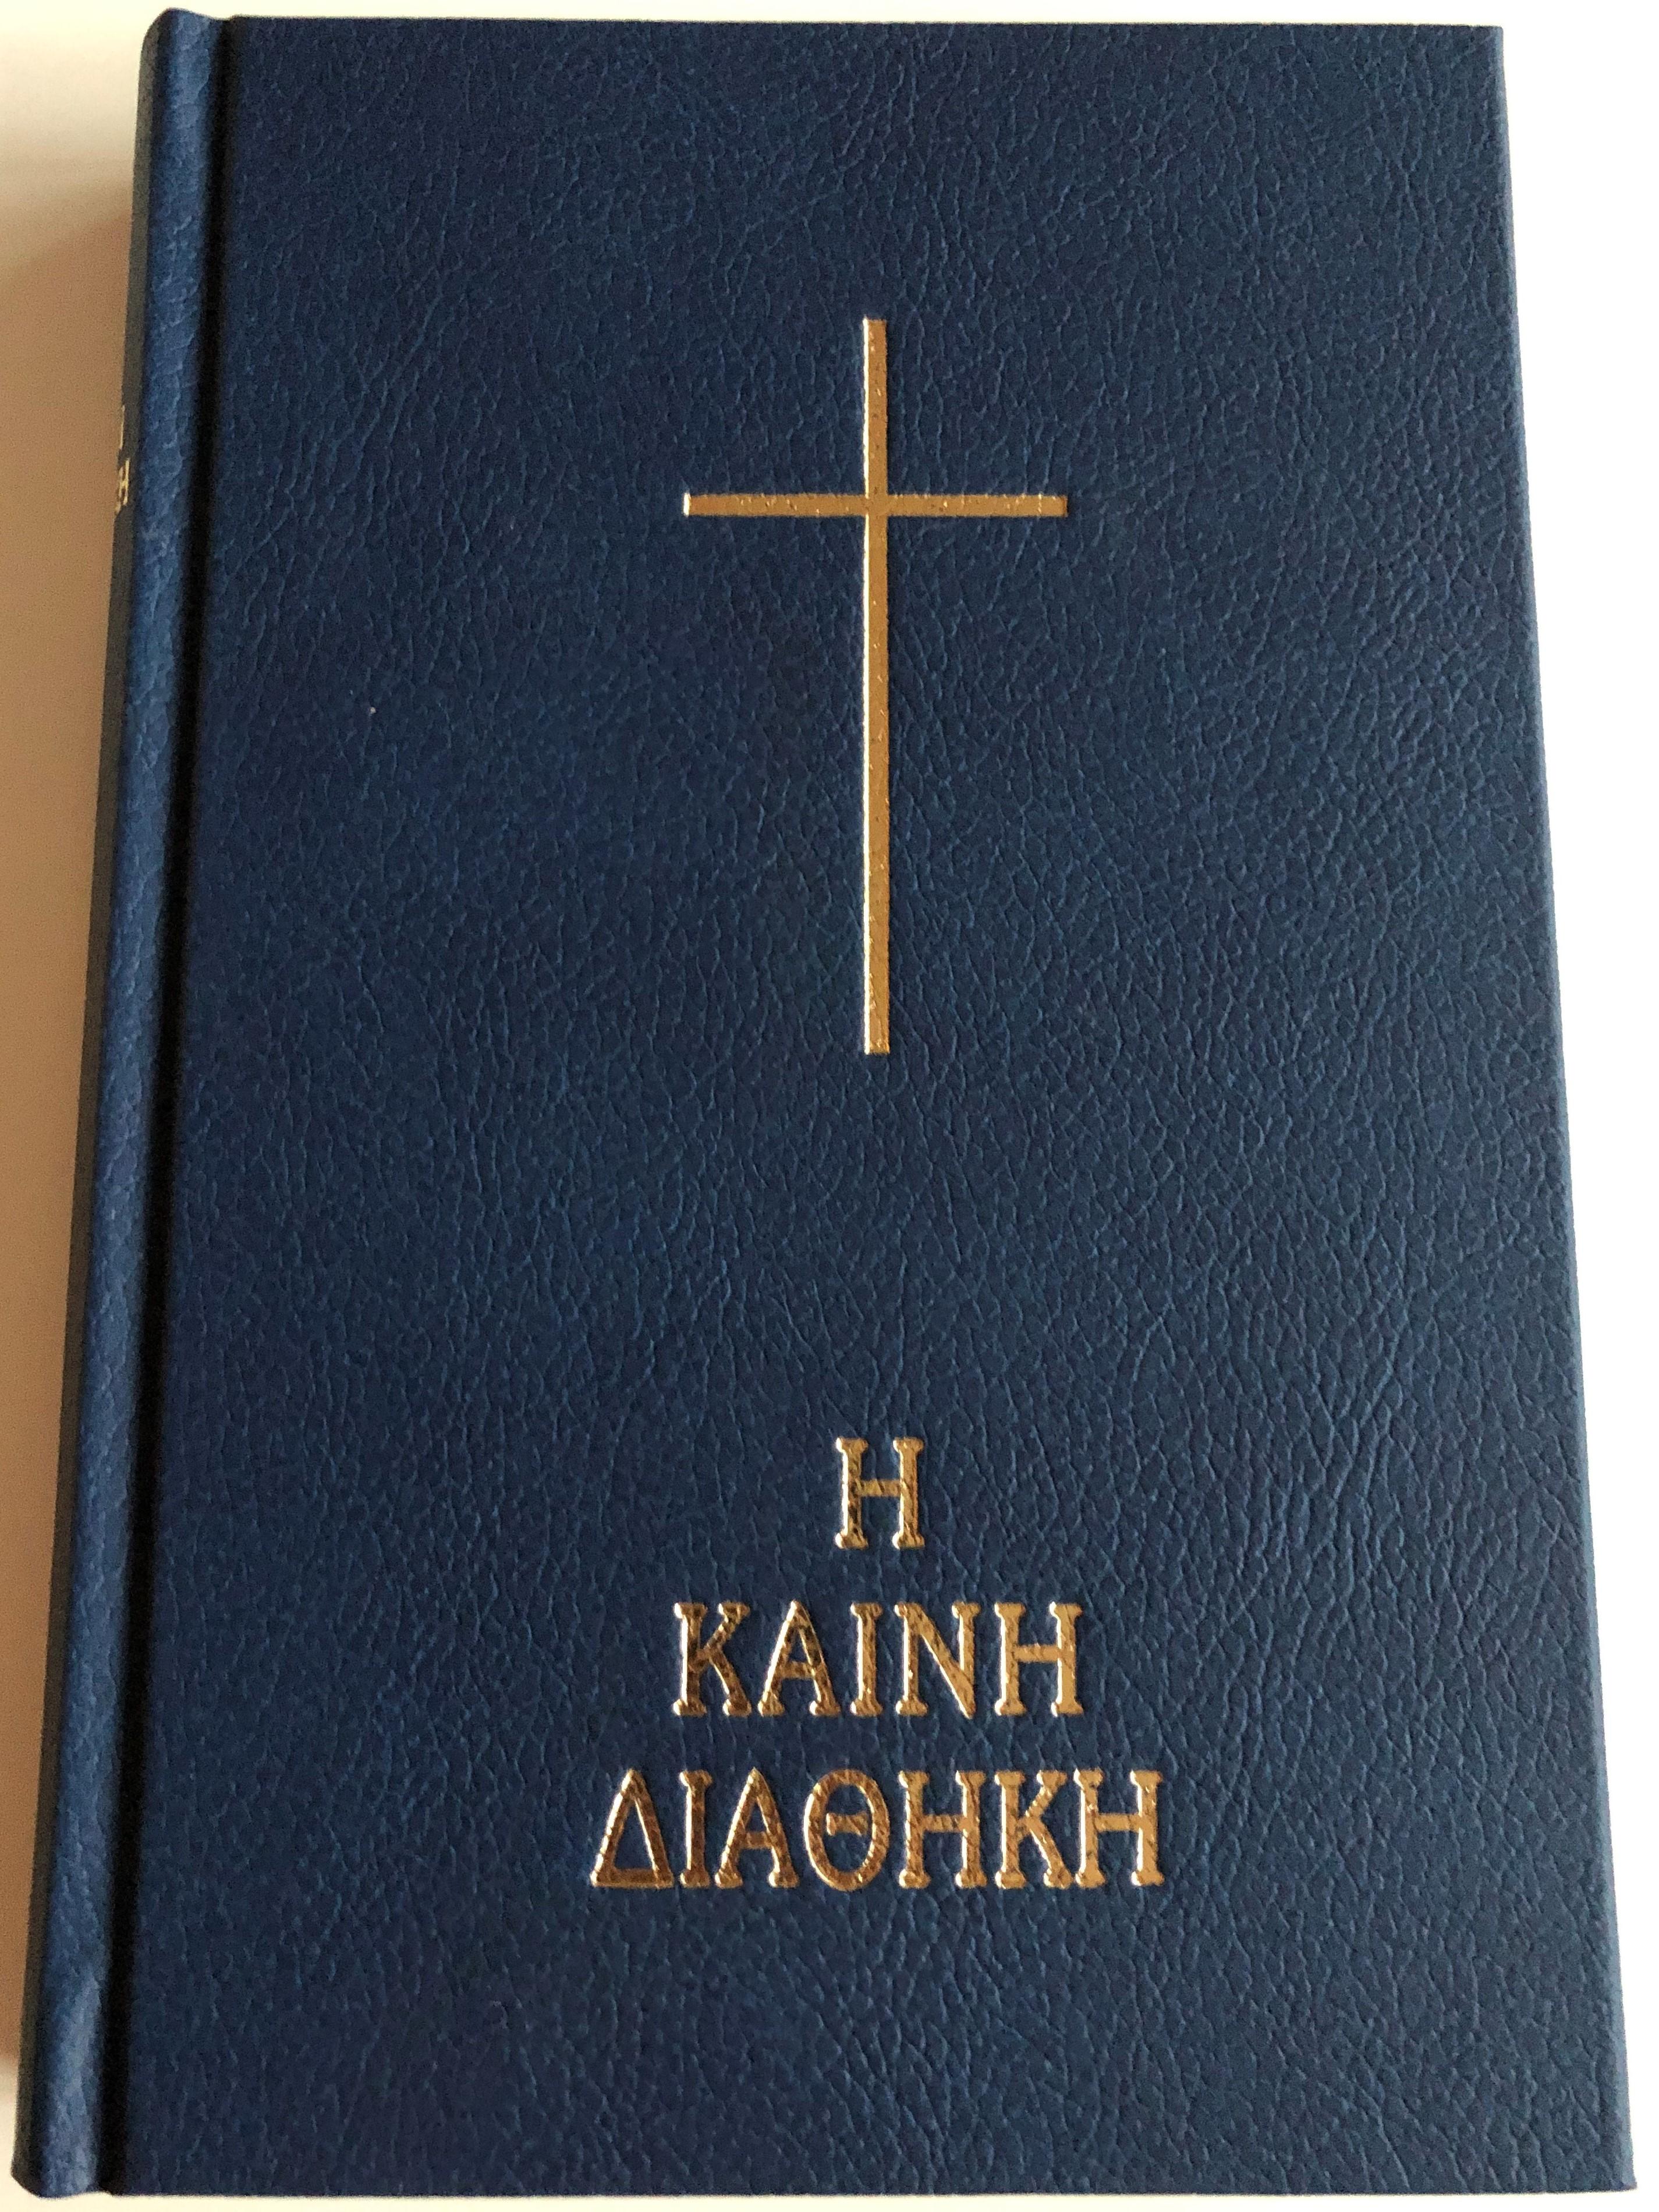 greek-modern-new-testament-greek-bible-society-2009-1.jpg